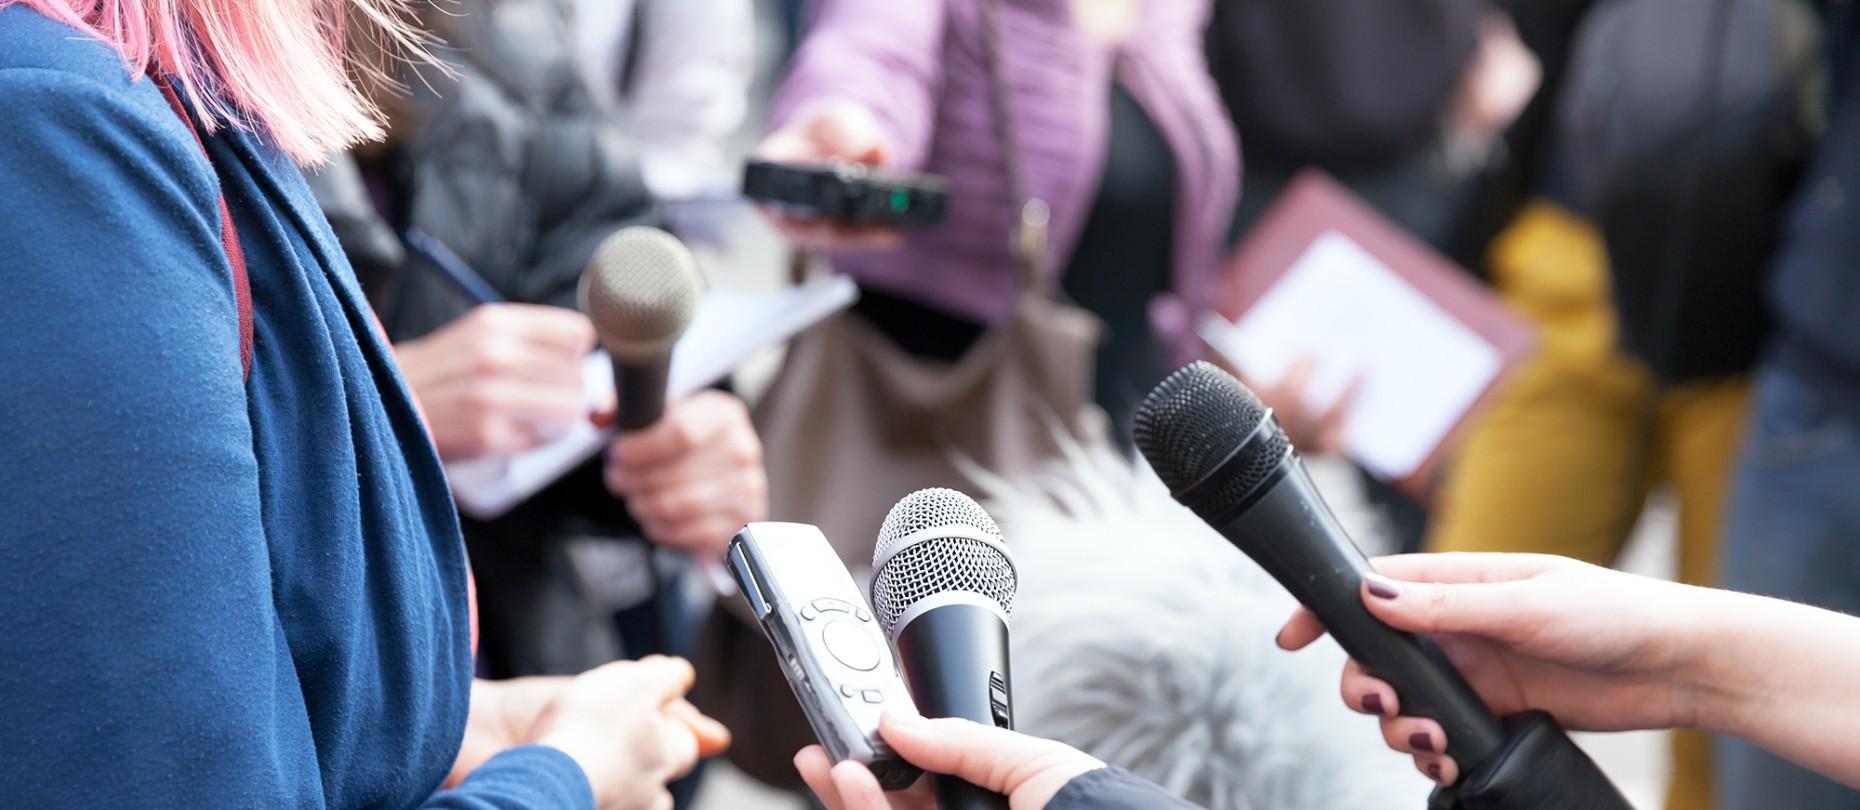 Foto: Mehrere Reporter halten einer weiblichen Person Mikrofone hin.